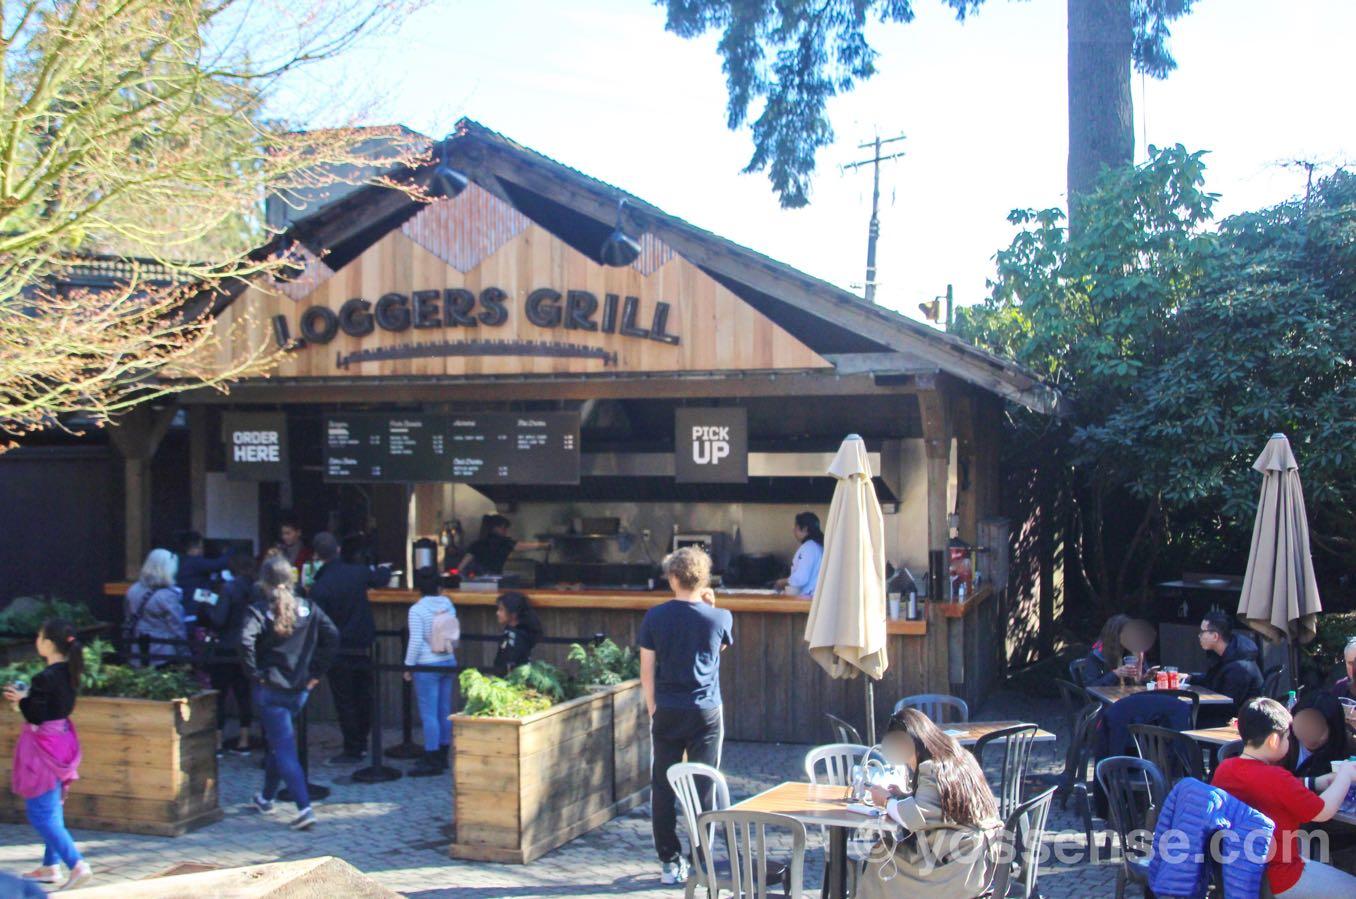 レストラン「Loggers' Grill(ロガ・グリル)」